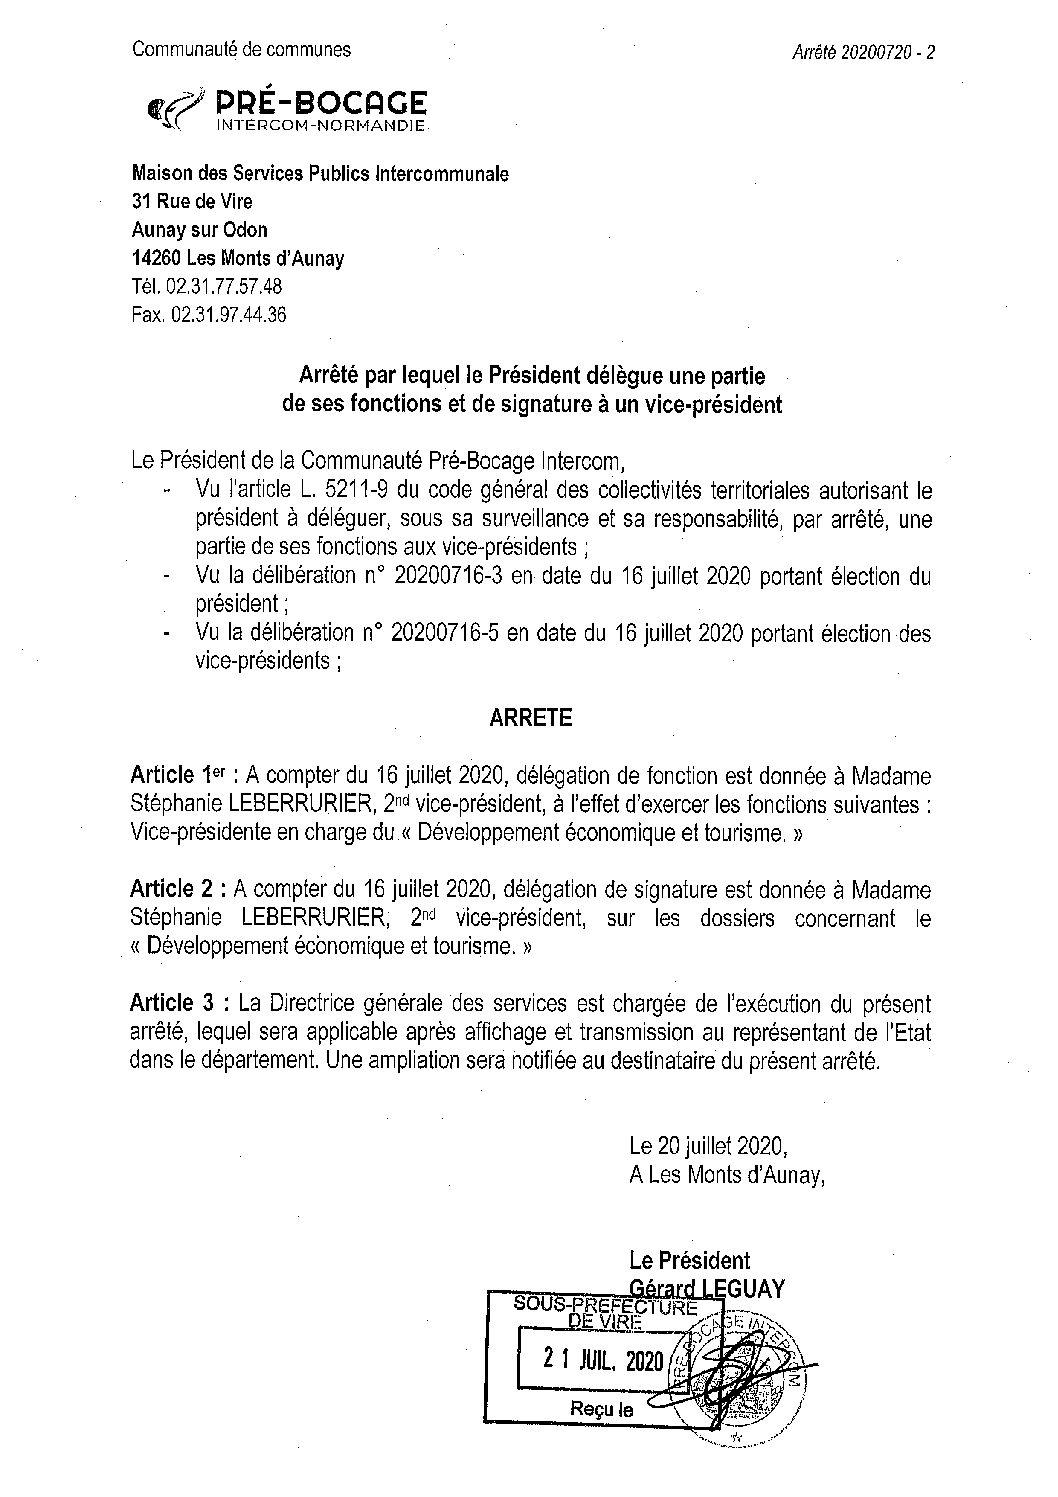 Décision déléguée du 20 juillet 2020